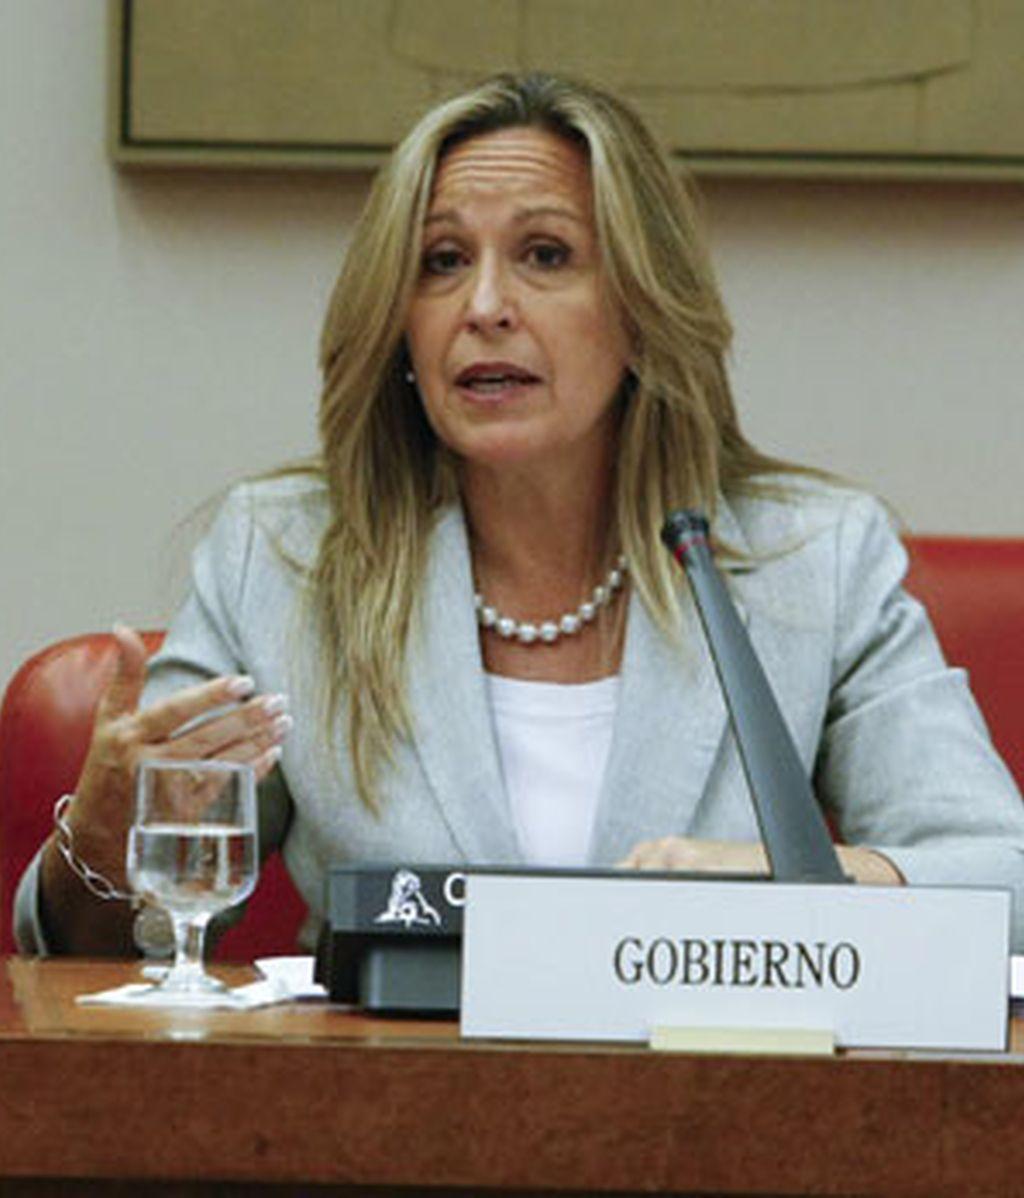 El Comité de Sanciones de la ONU ha autorizado al Gobierno español la descongelación de 350 millones de euros del régimen de Muamar Gadafi que permanecían bloqueados en España.